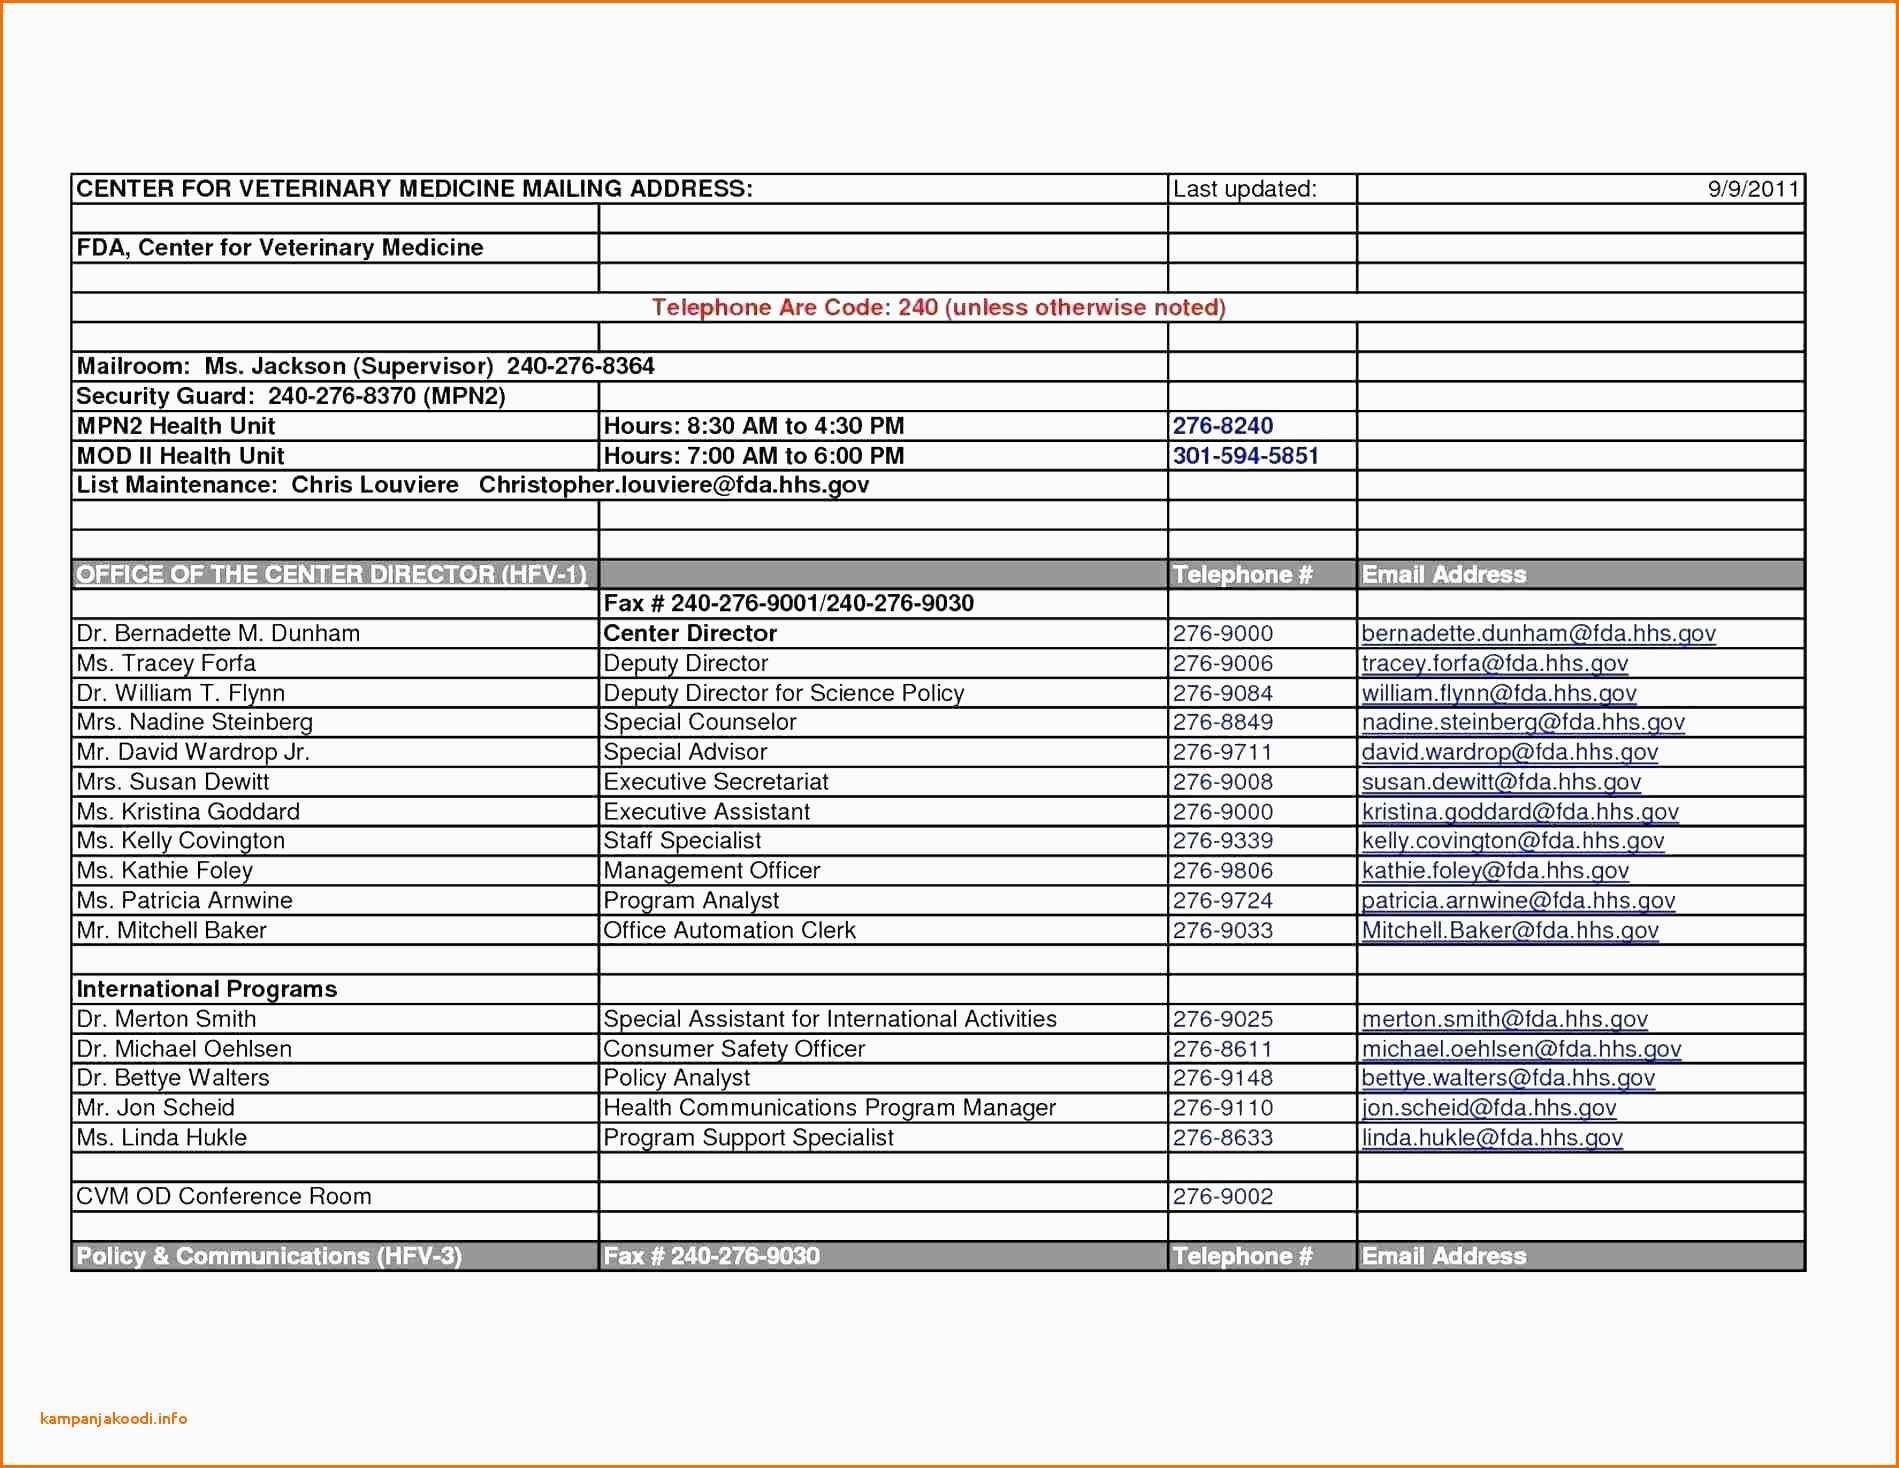 23 Inspirational Event Attendance List Template Excel Stock | Excel for Event Guest List Template Excel